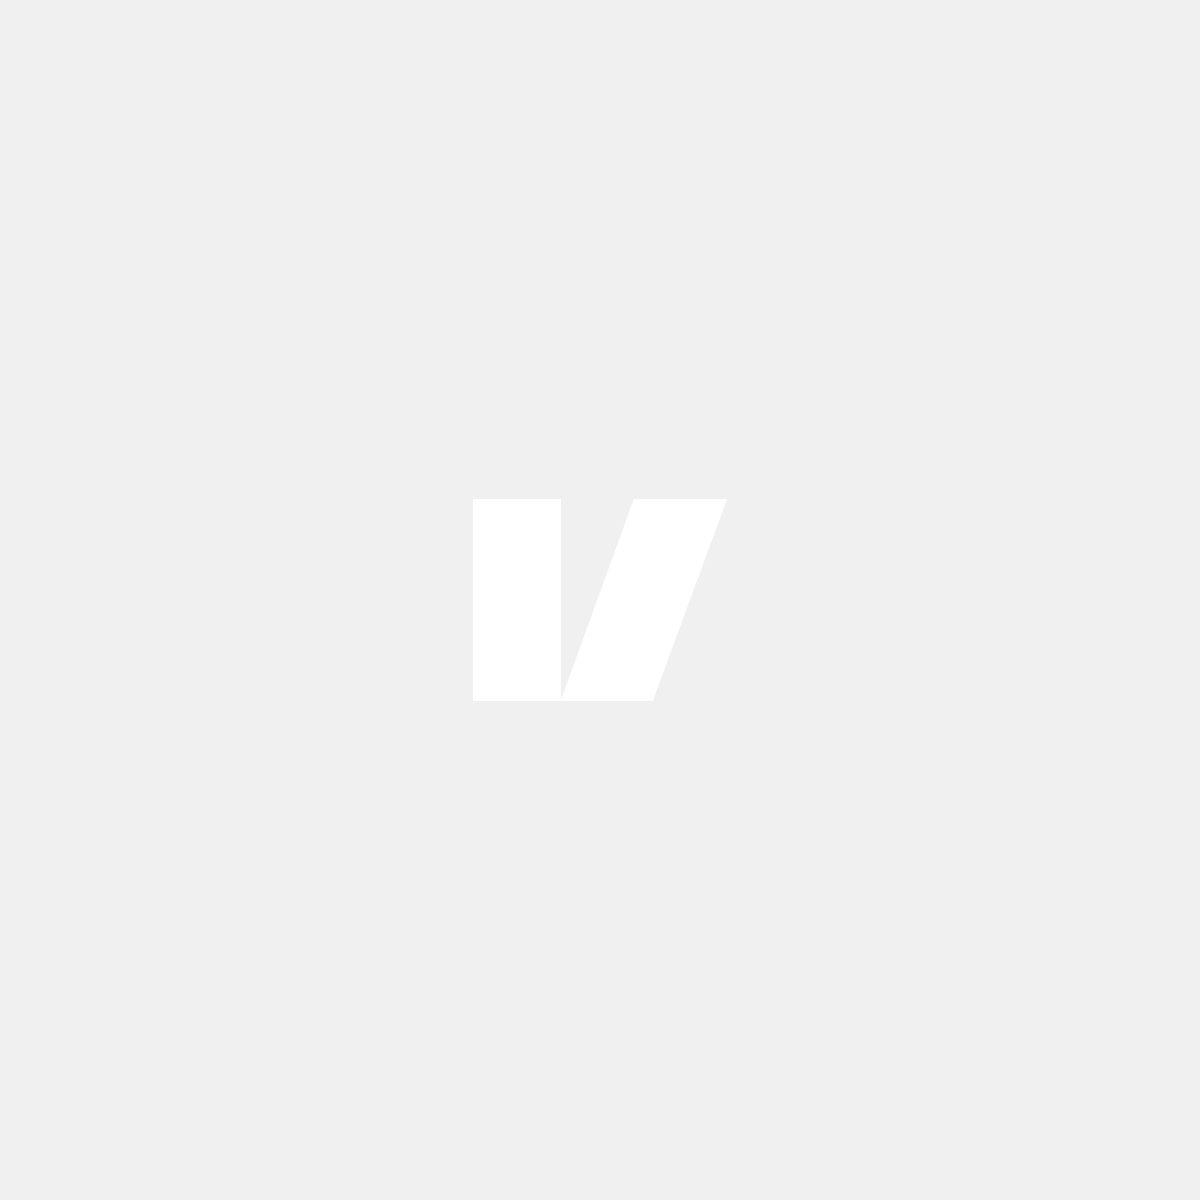 Mattkromade backspegelkåpor till Volvo XC90 2007-2014